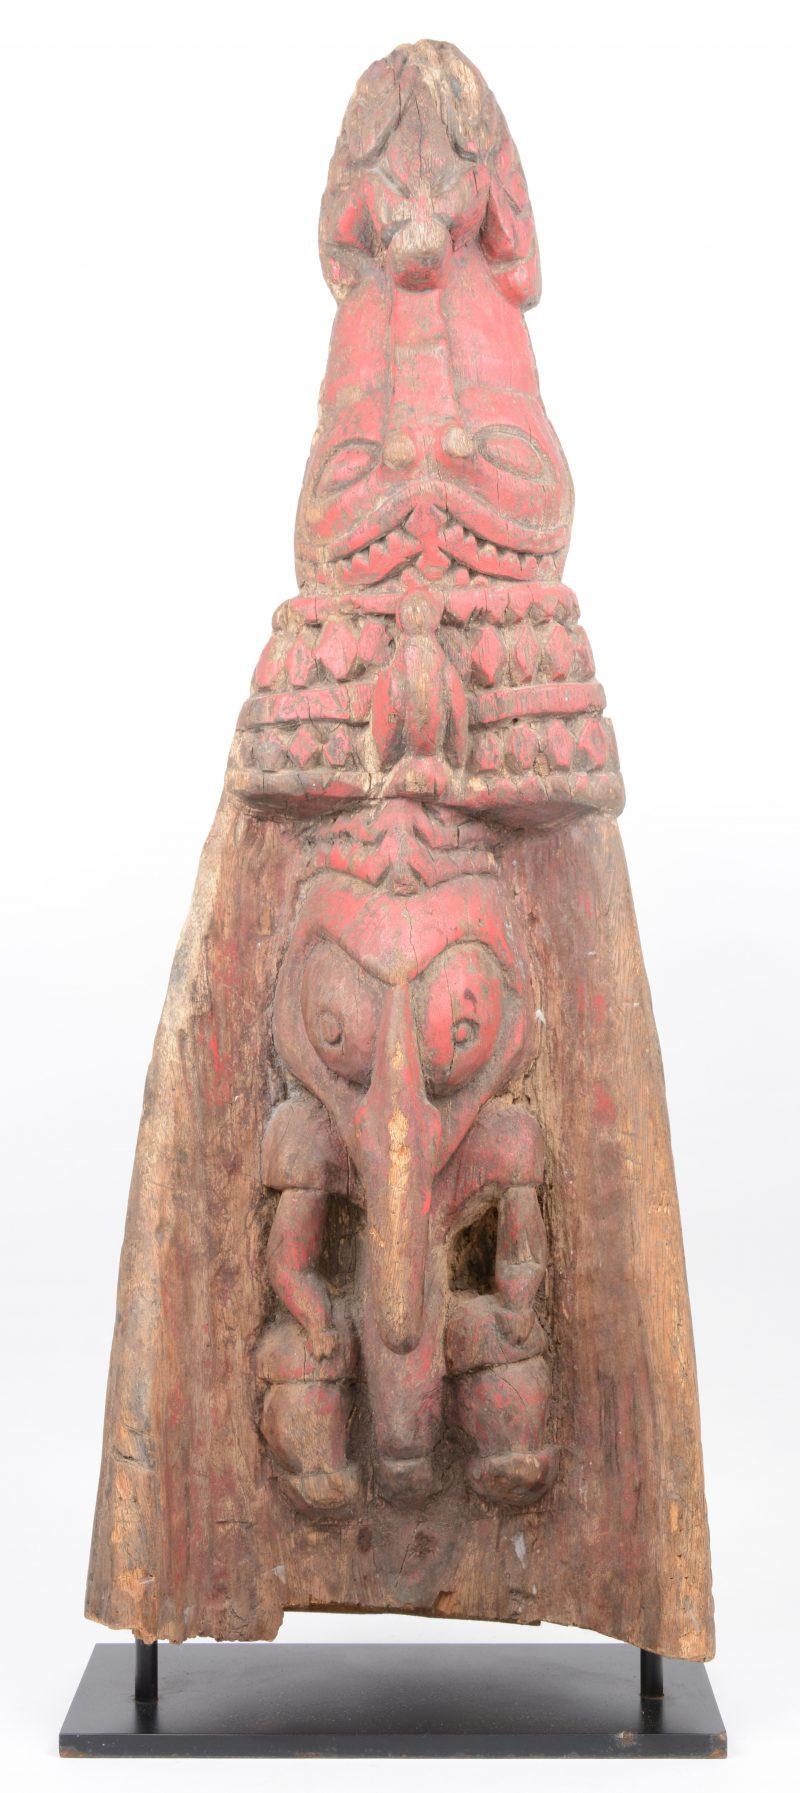 Boeg van een Sepik prauw van gebeeldhouwd en gepolychromeerd hout in de vorm van een krokodillenkop en diverse dieren.